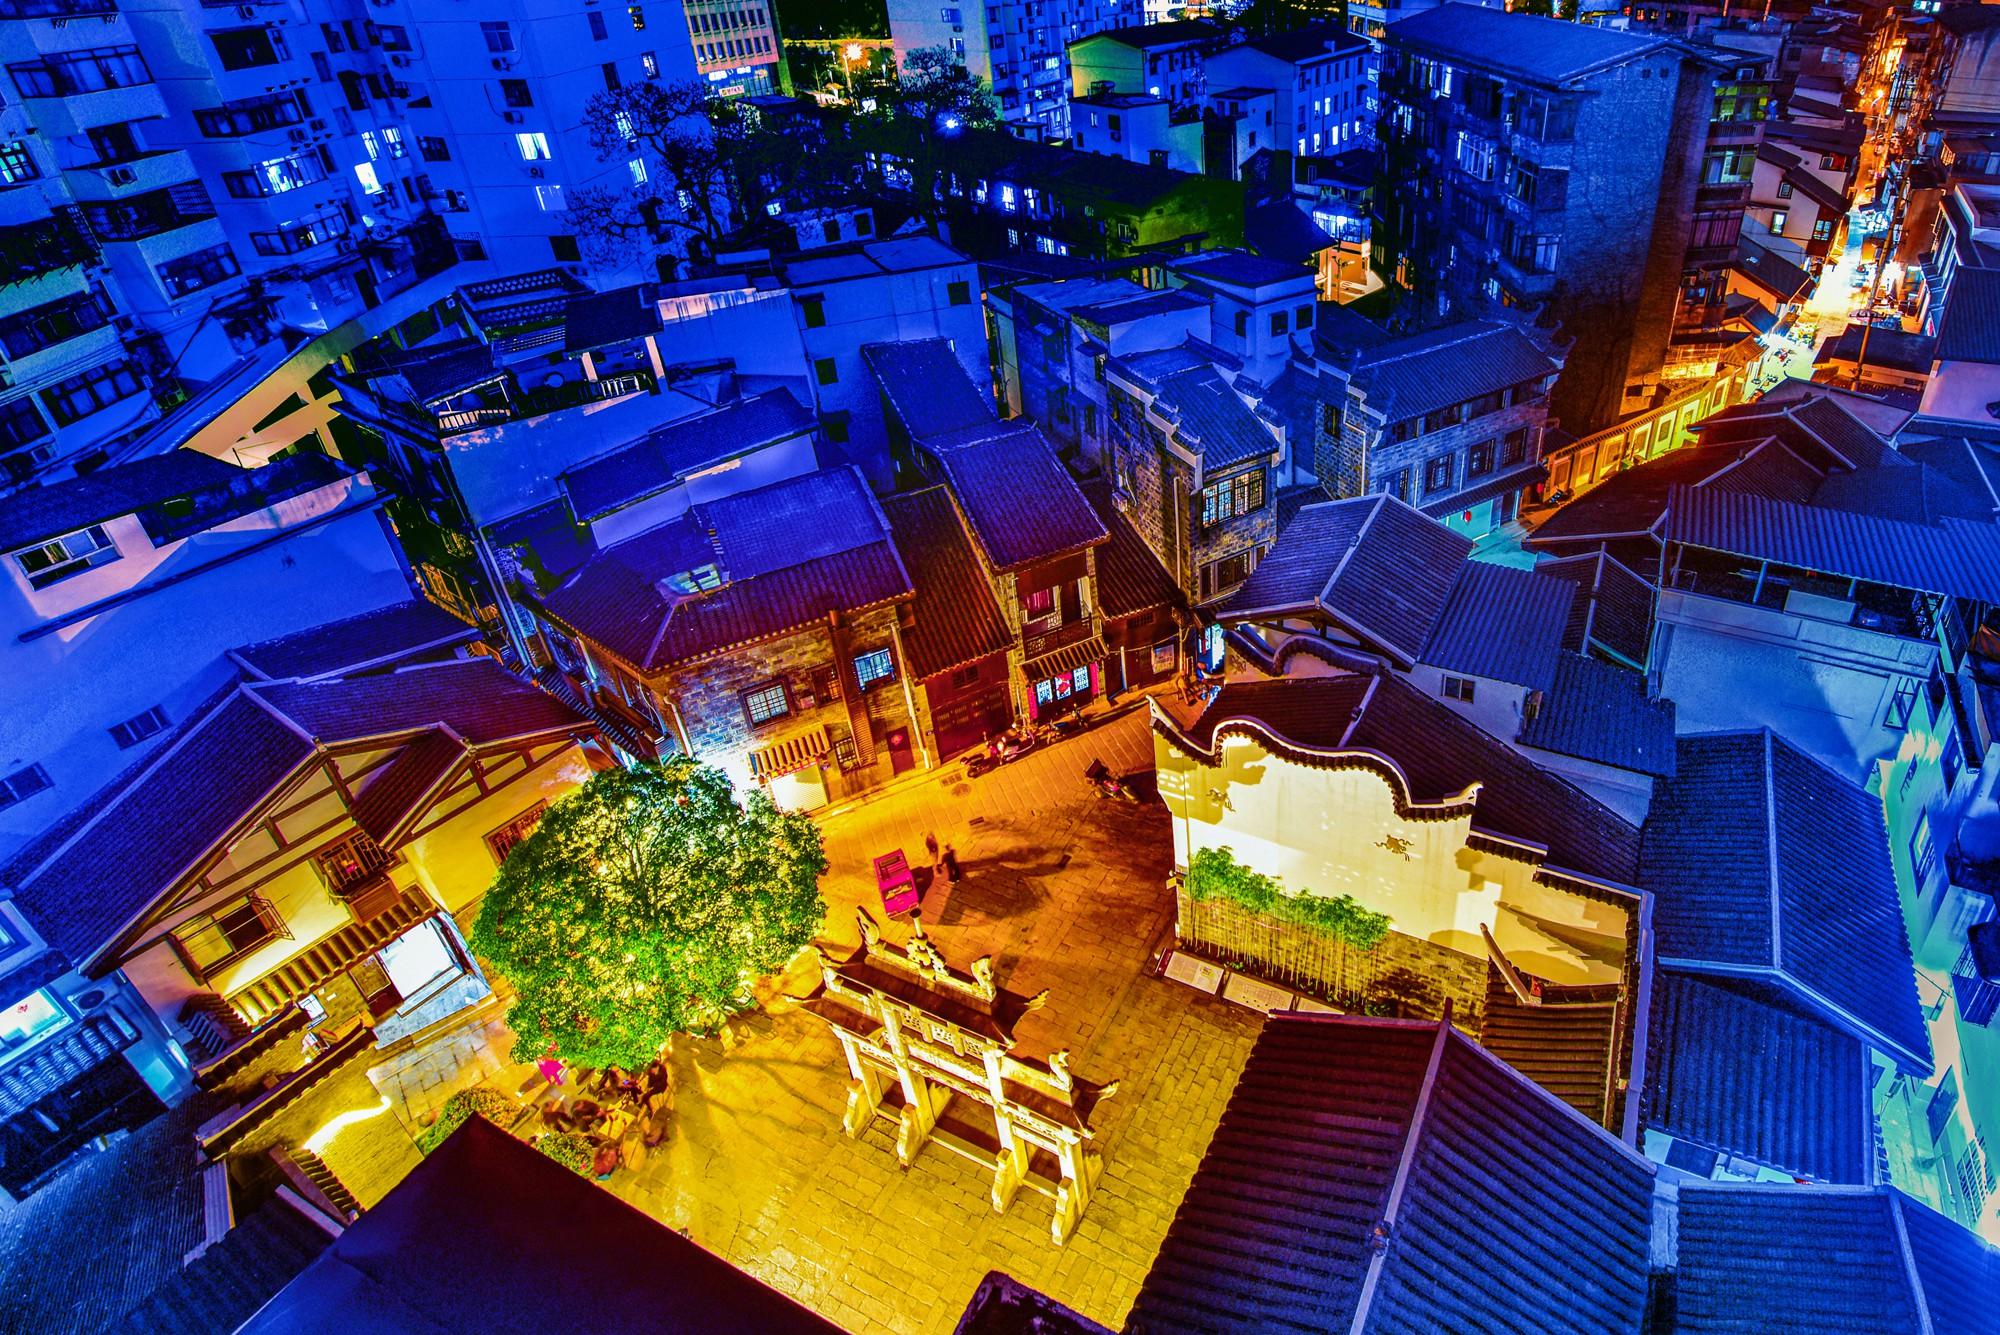 【18号作品:贤关之夜】 西文庙坪,长沙最老的城区,有机更新后,厚重的历史再次发出耀眼的光芒。